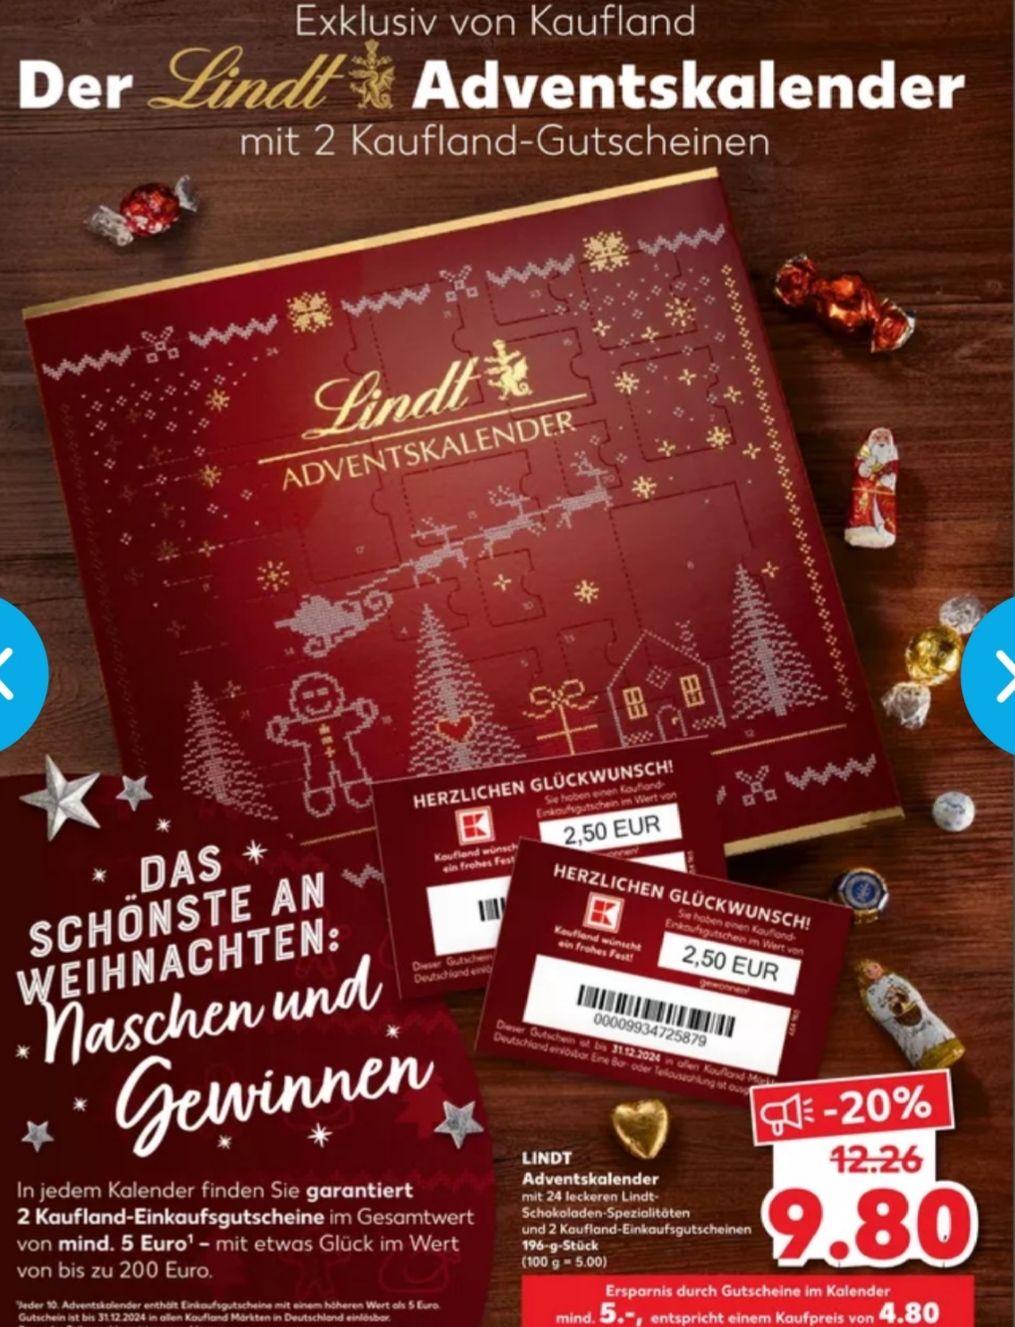 [Kaufland Do-Mi] Lindt Adventskalender mit mindestens 2x 2,50€ Gutschein für 9,80€